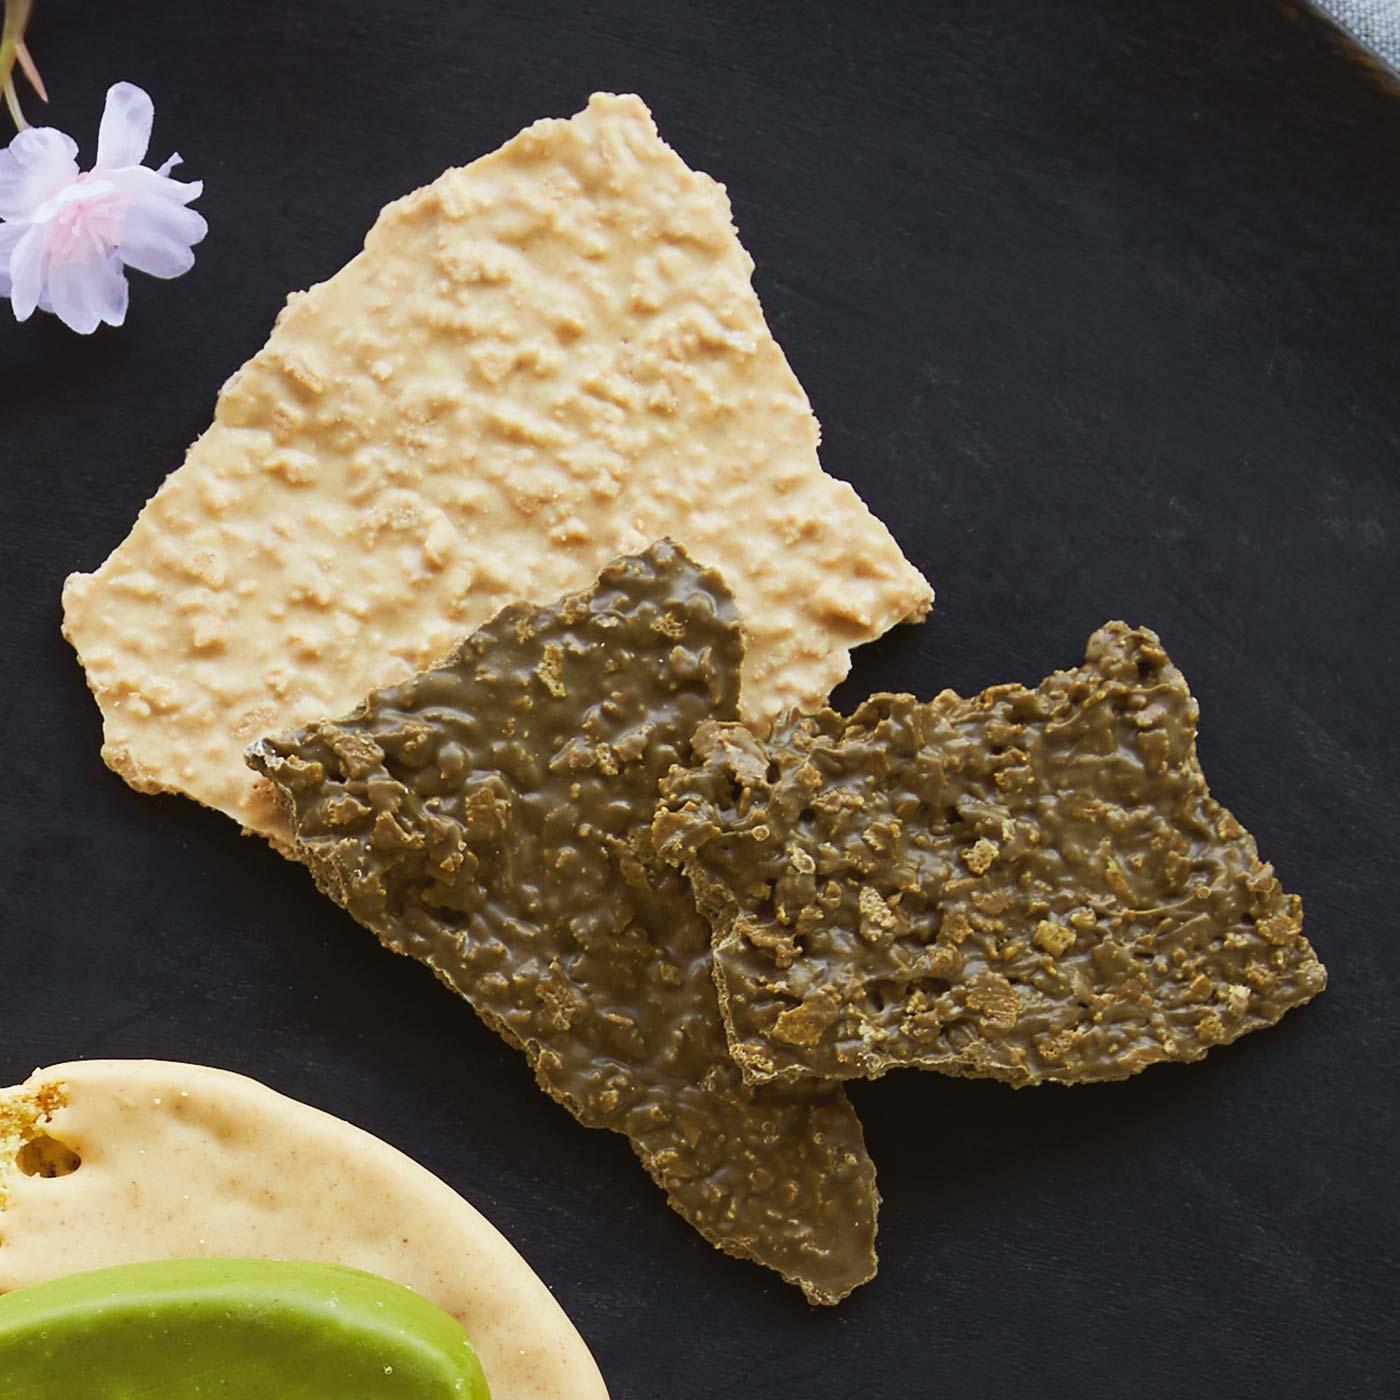 【フィアンティーヌ2種(焦がしきな粉、ほうじ茶) 各1個】 実は私のイチオシはこのフィアンティーヌ。さくさくでやみつきになること間違いなし。食感重視の方、必食です!